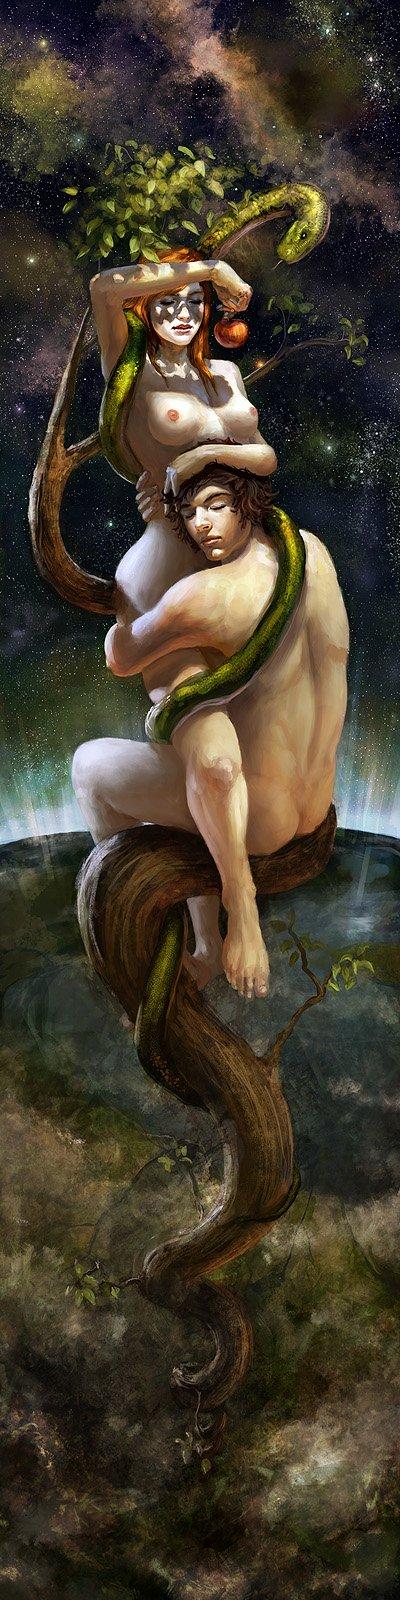 Johannes Voss algenpfleger deviantart ilustrações fantasia games erótico sensual fetiche peitos